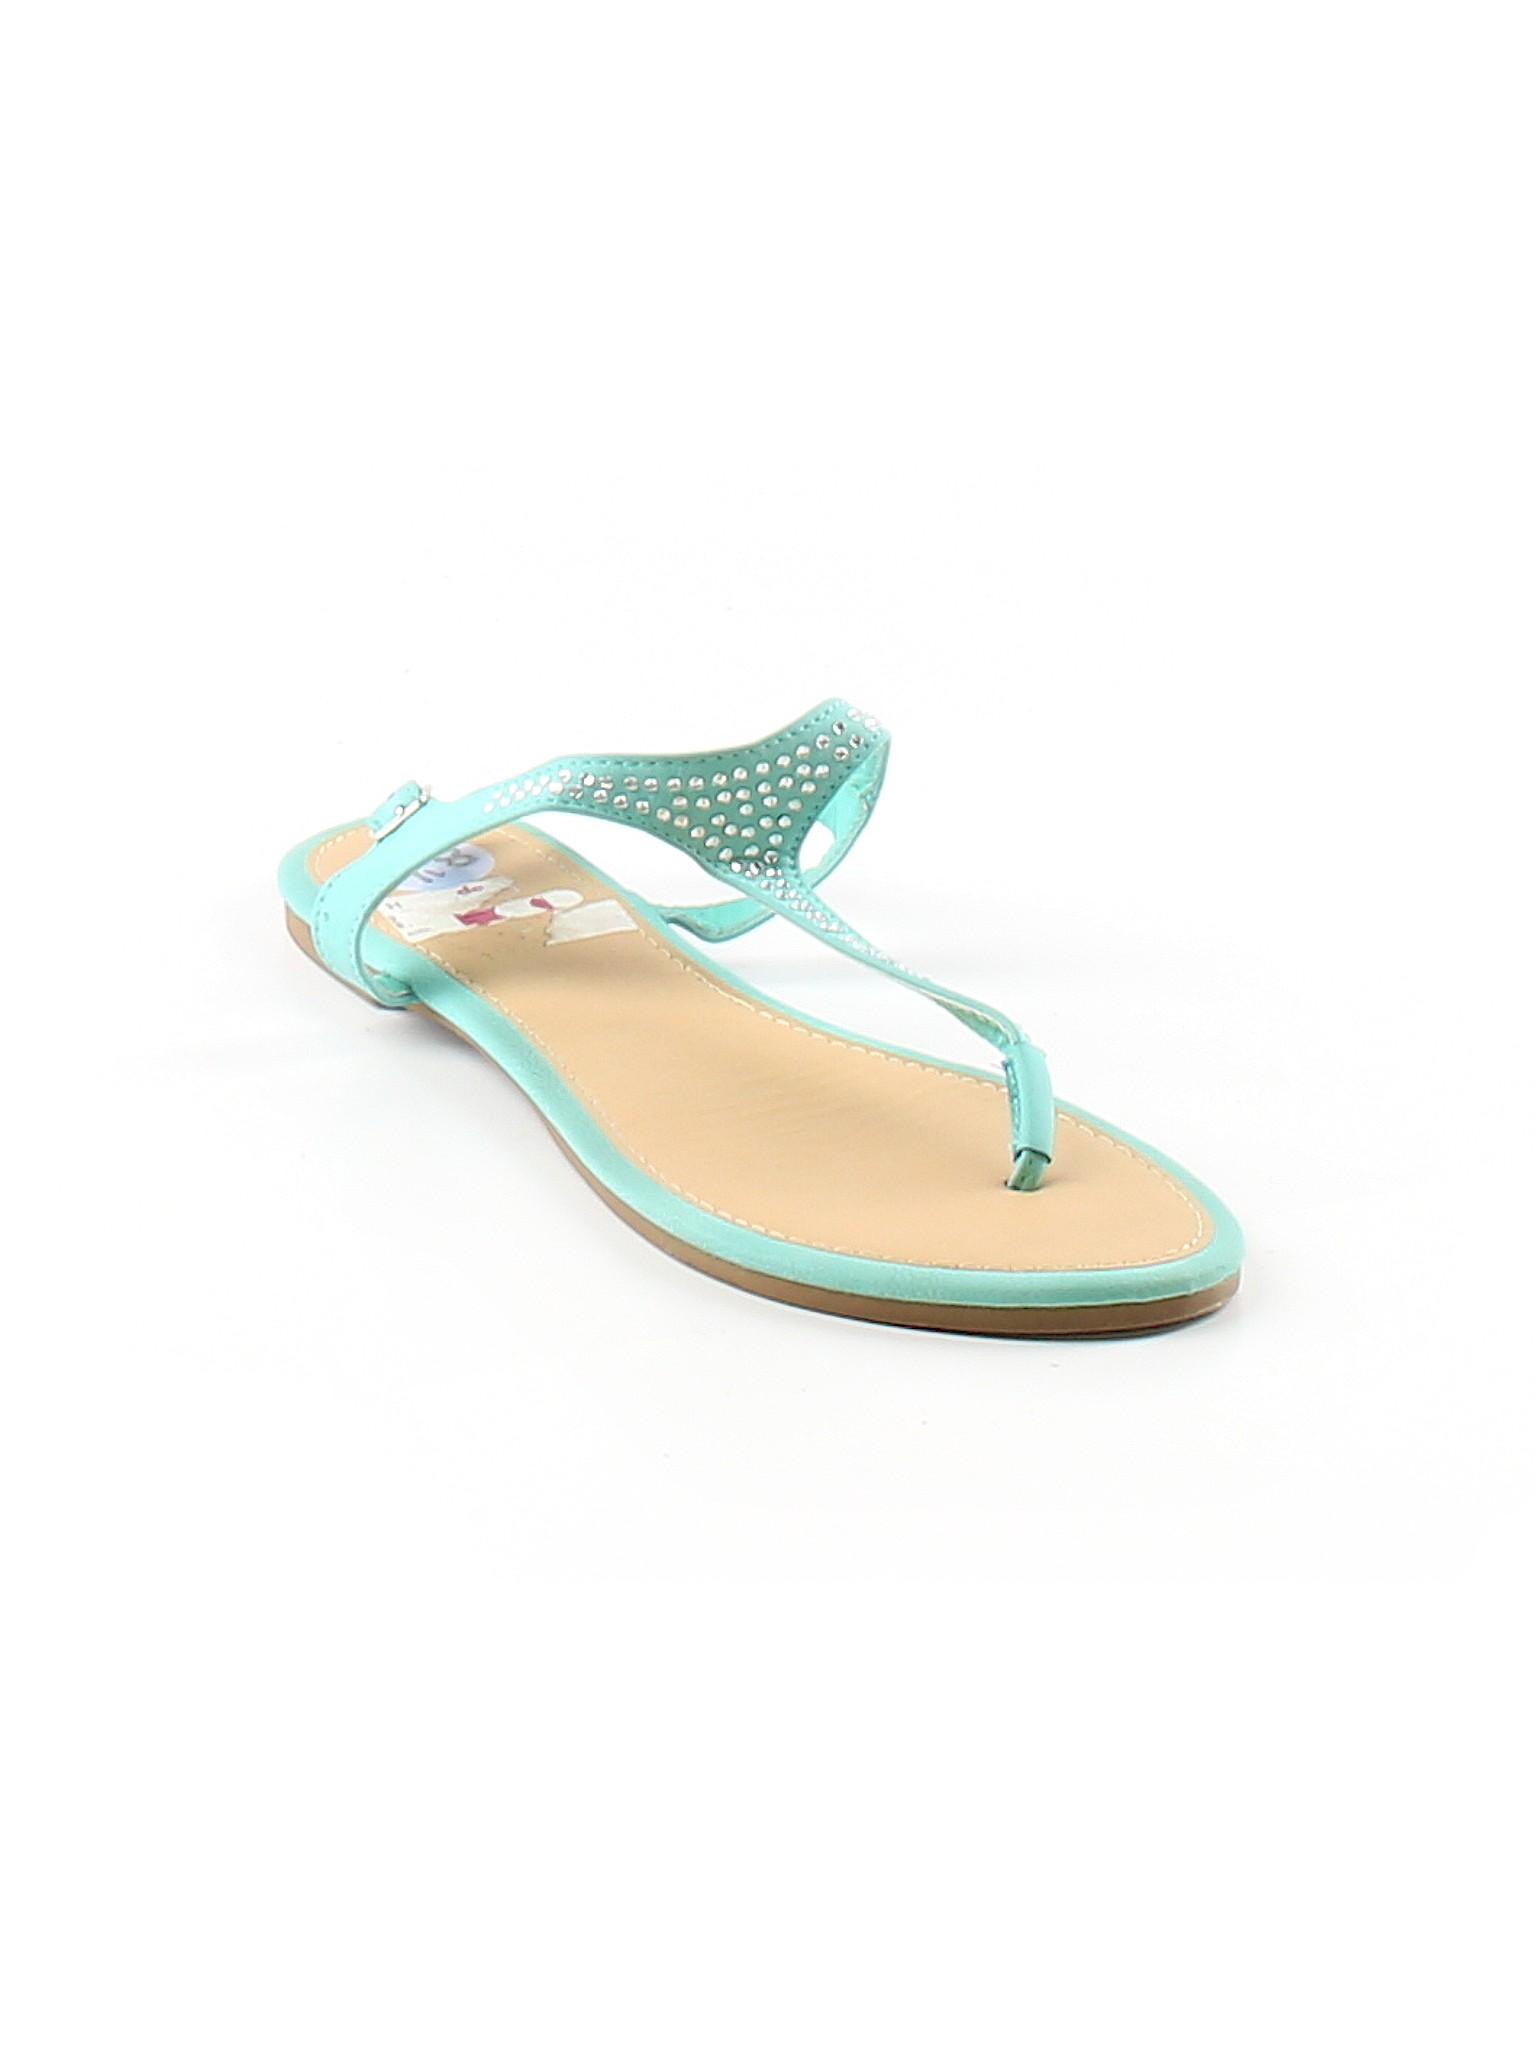 promotion promotion Sandals Boutique Glamorous Sandals Boutique Glamorous xI7zSq